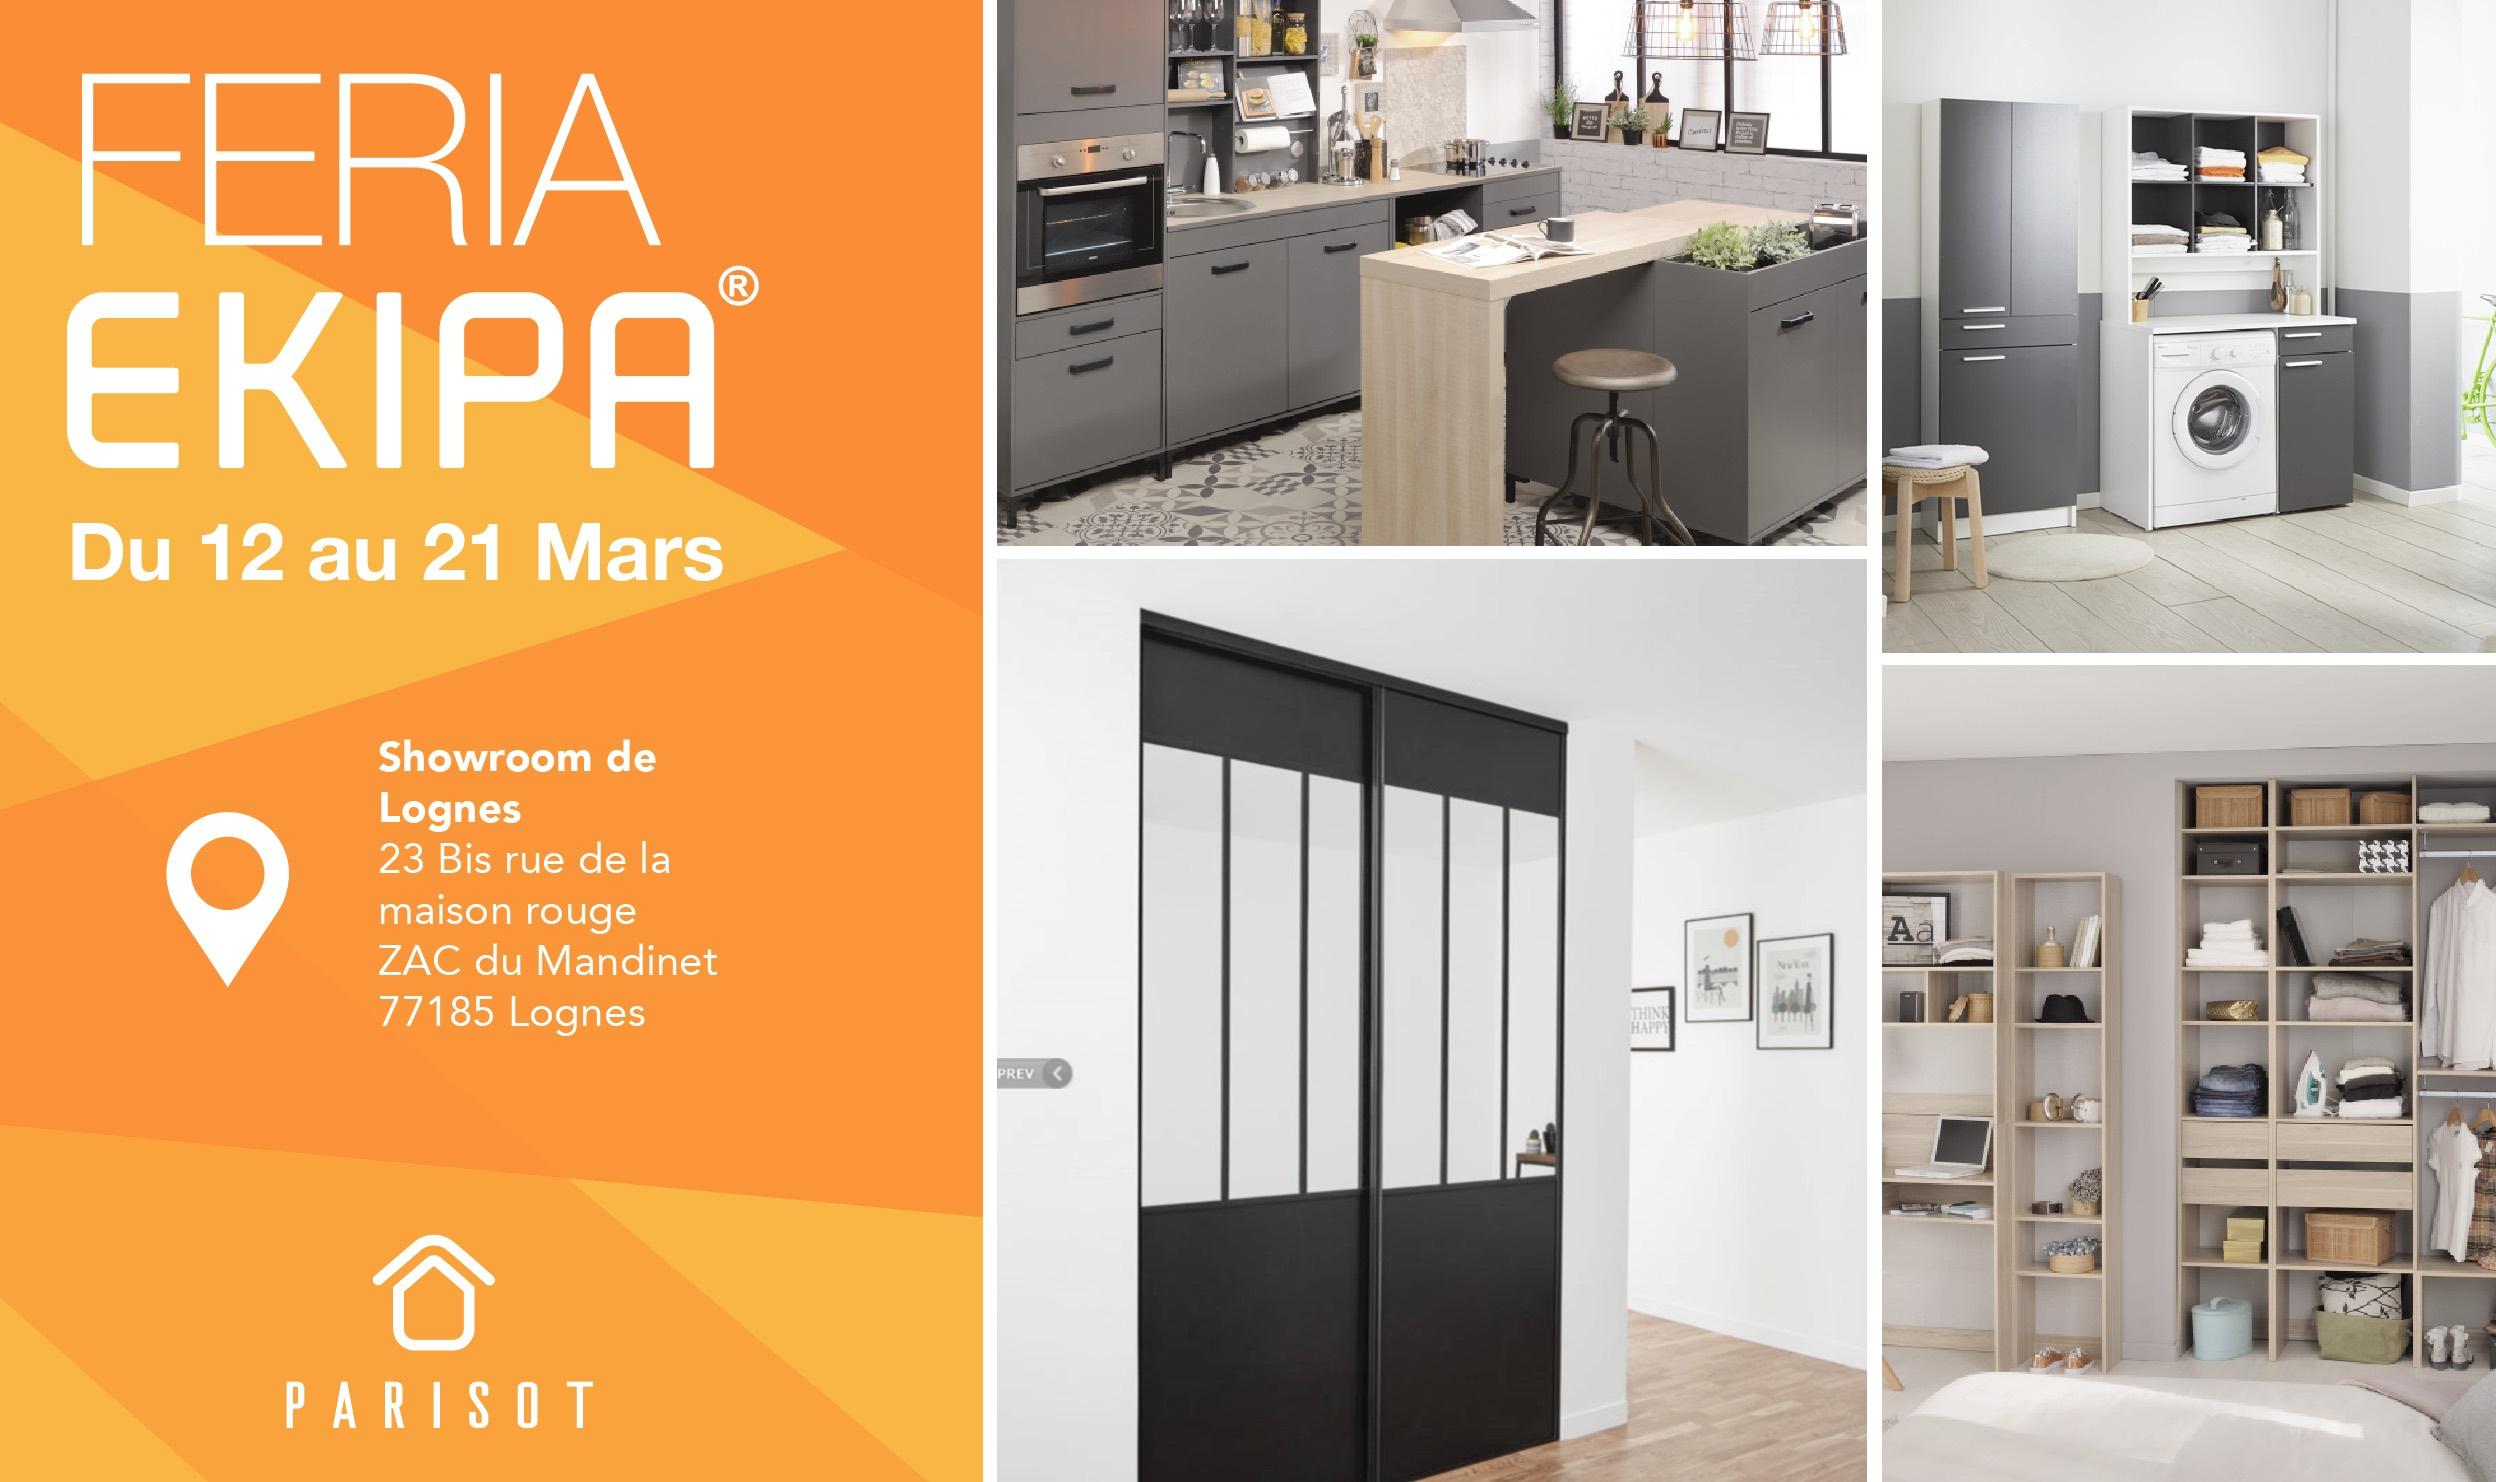 meuble parisot parisot meubles chest of drawers parisot. Black Bedroom Furniture Sets. Home Design Ideas